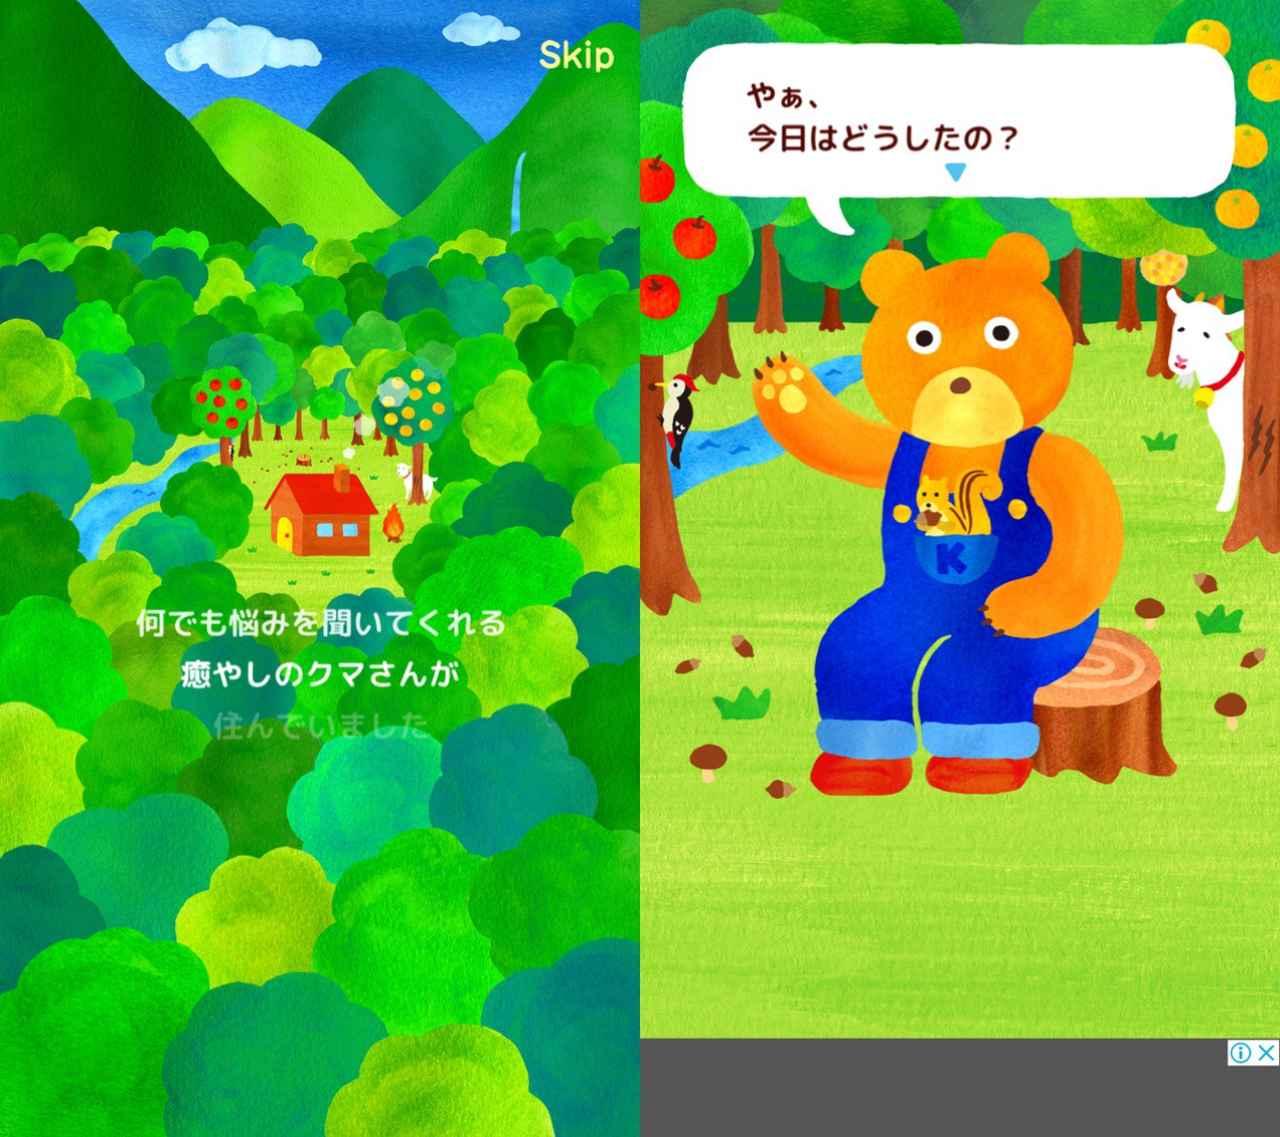 画像1: ちょっと嫌なことがあったら森に住むクマさんに話してみよう。